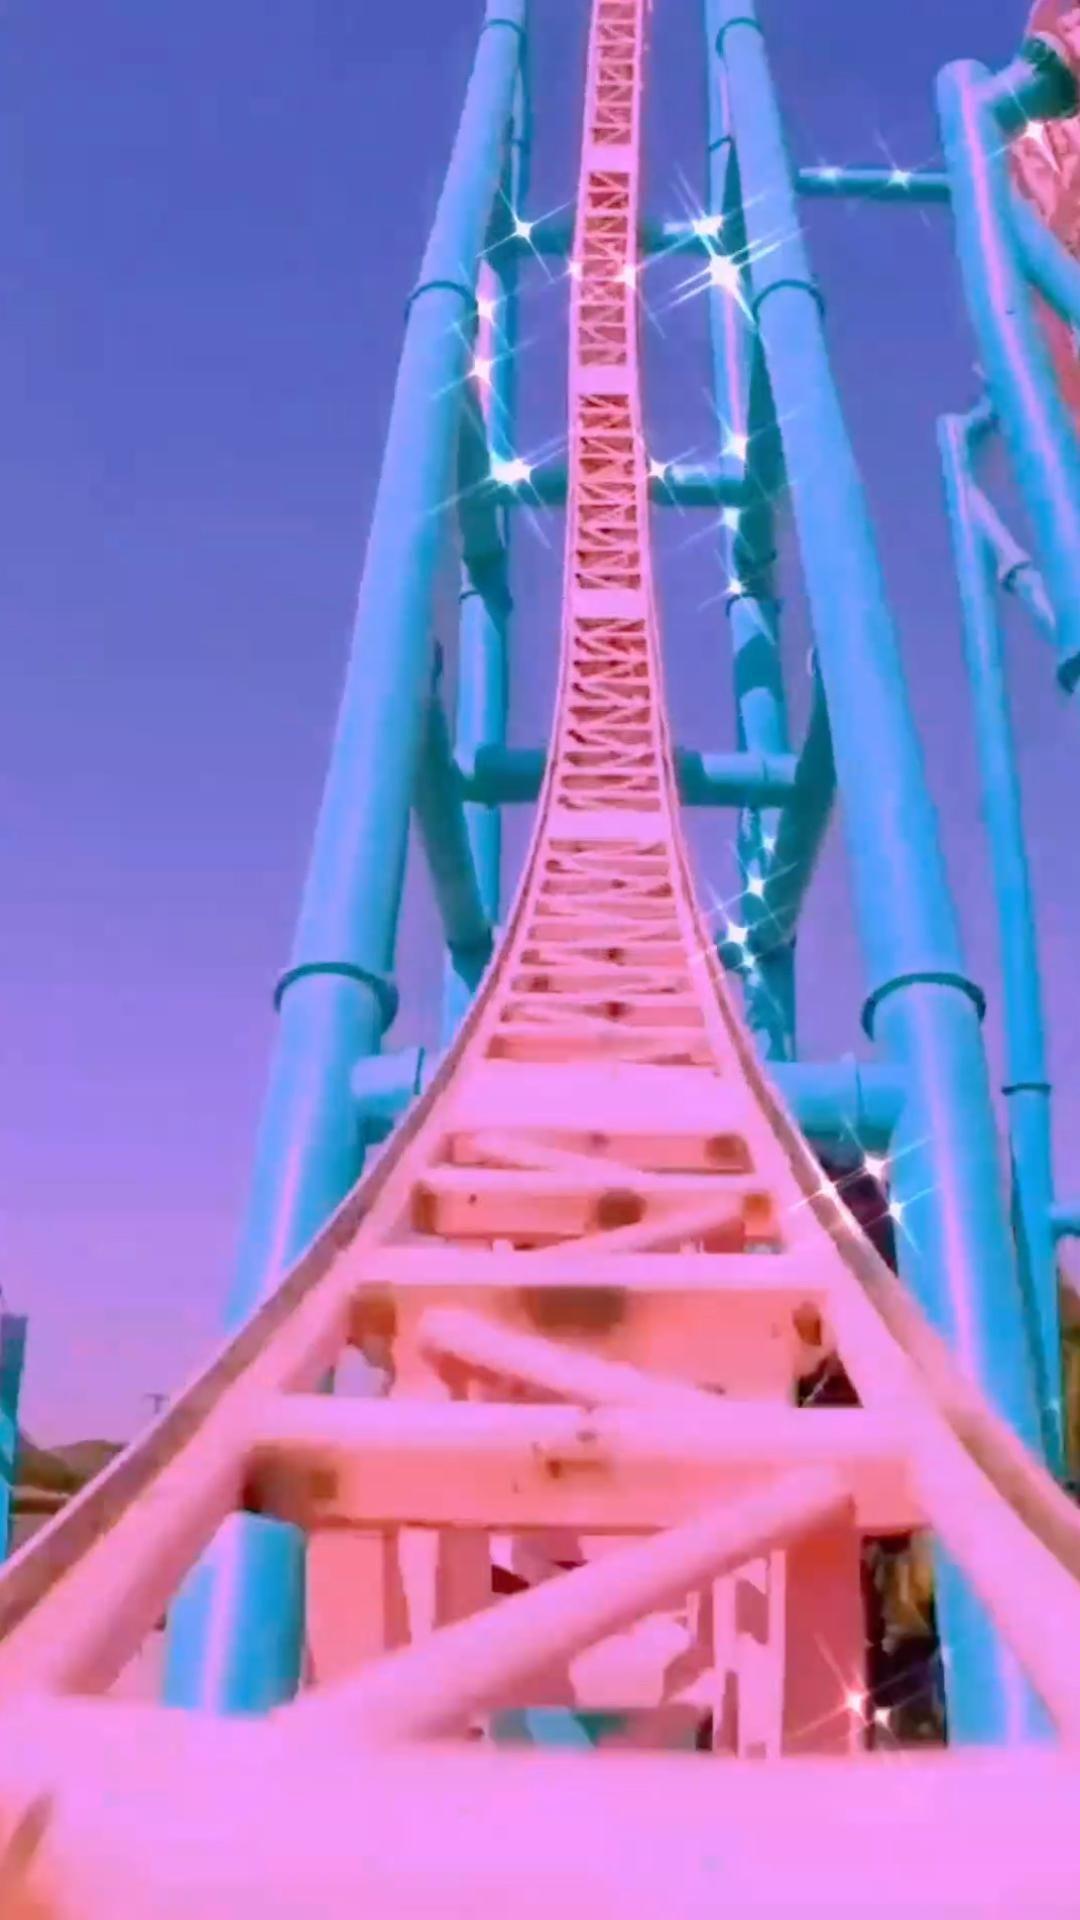 Roller coaster rideeeee